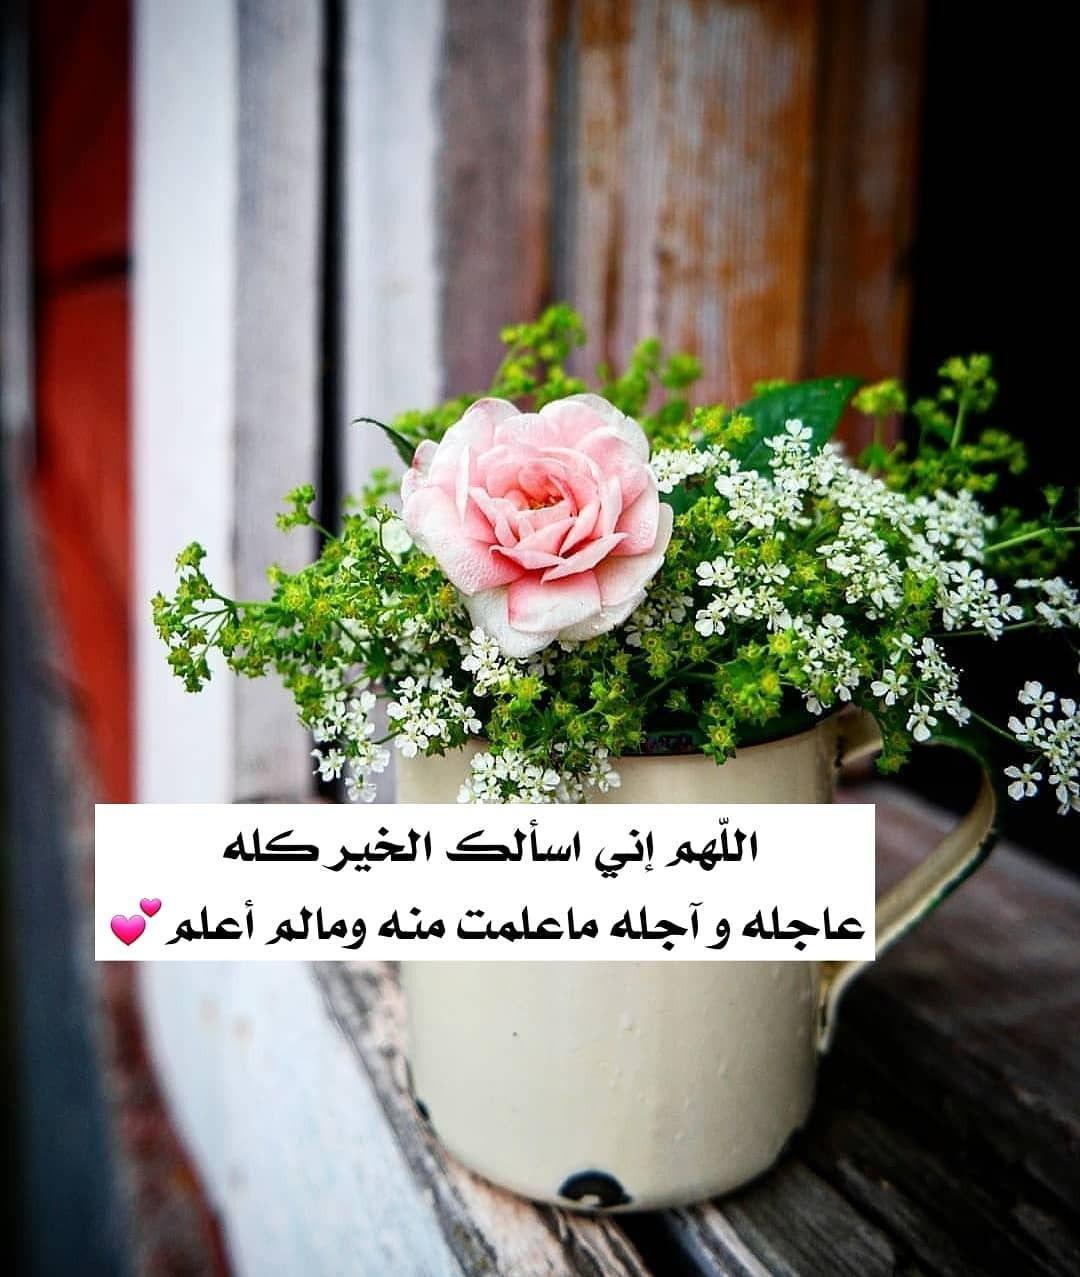 صورة دعاء مكتوب جميل , ادعية يجب ان تكتبها وتحفظها من جمالها